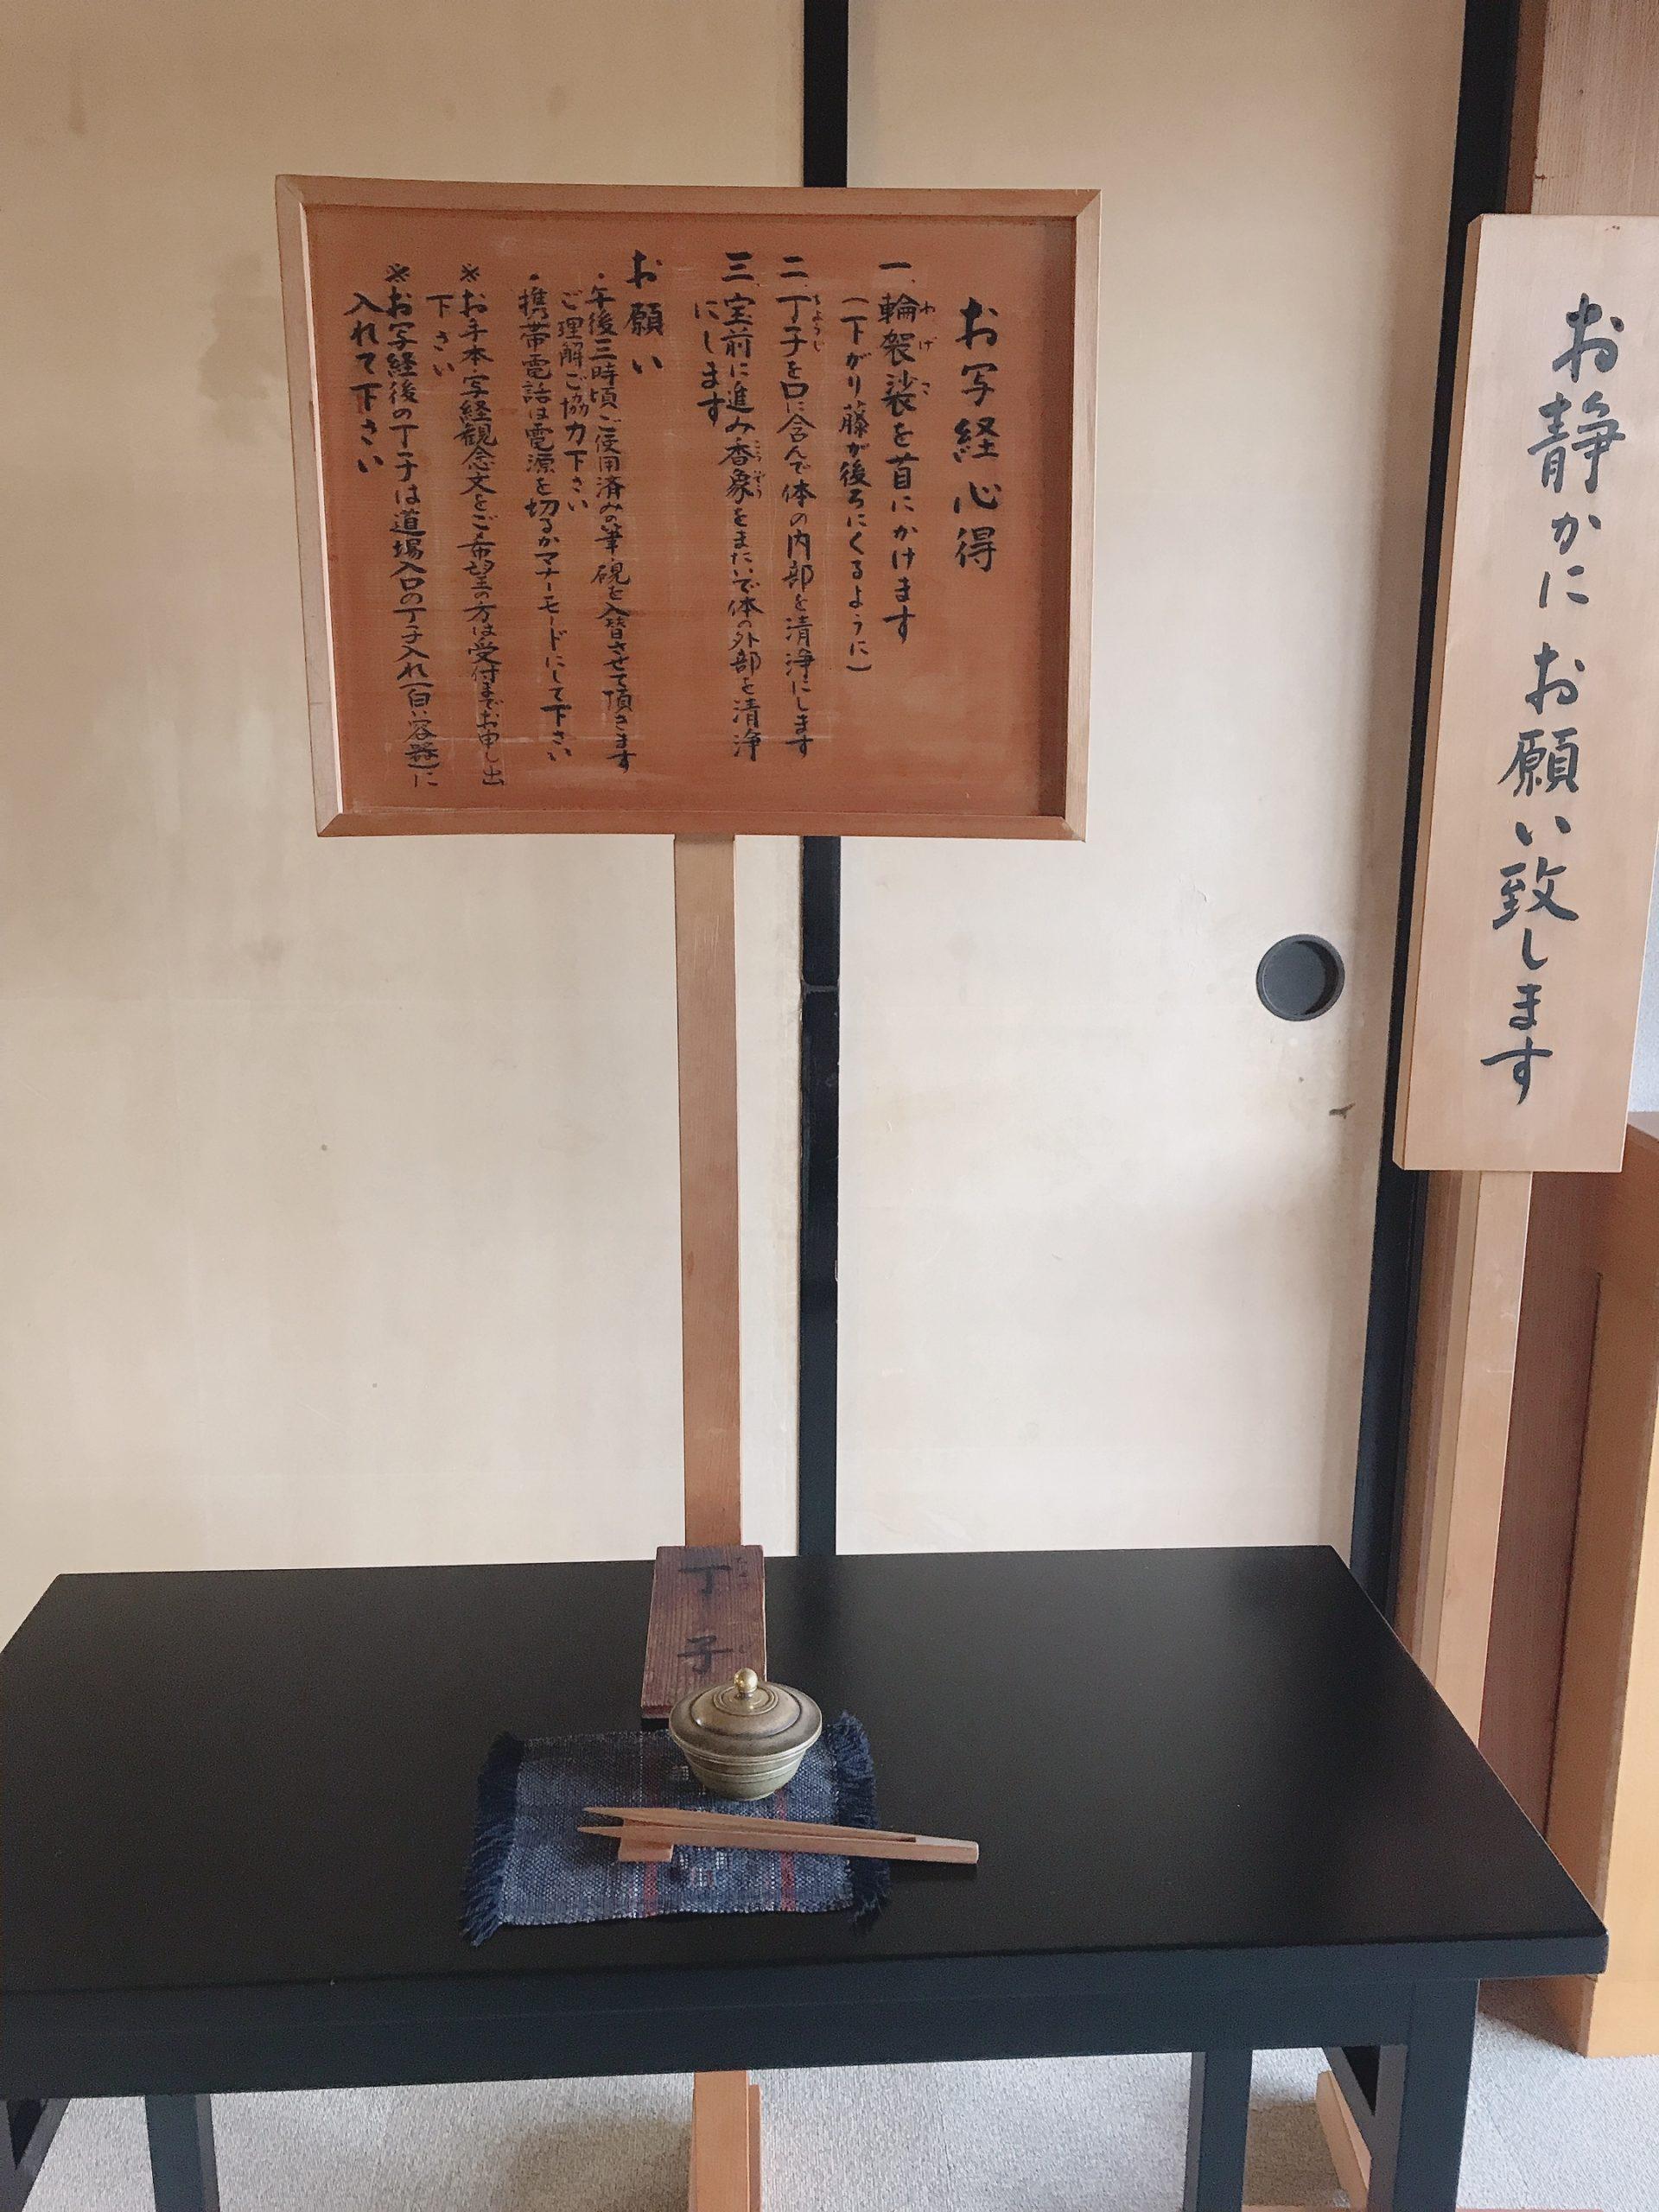 お写経での丁子(ちょうし)